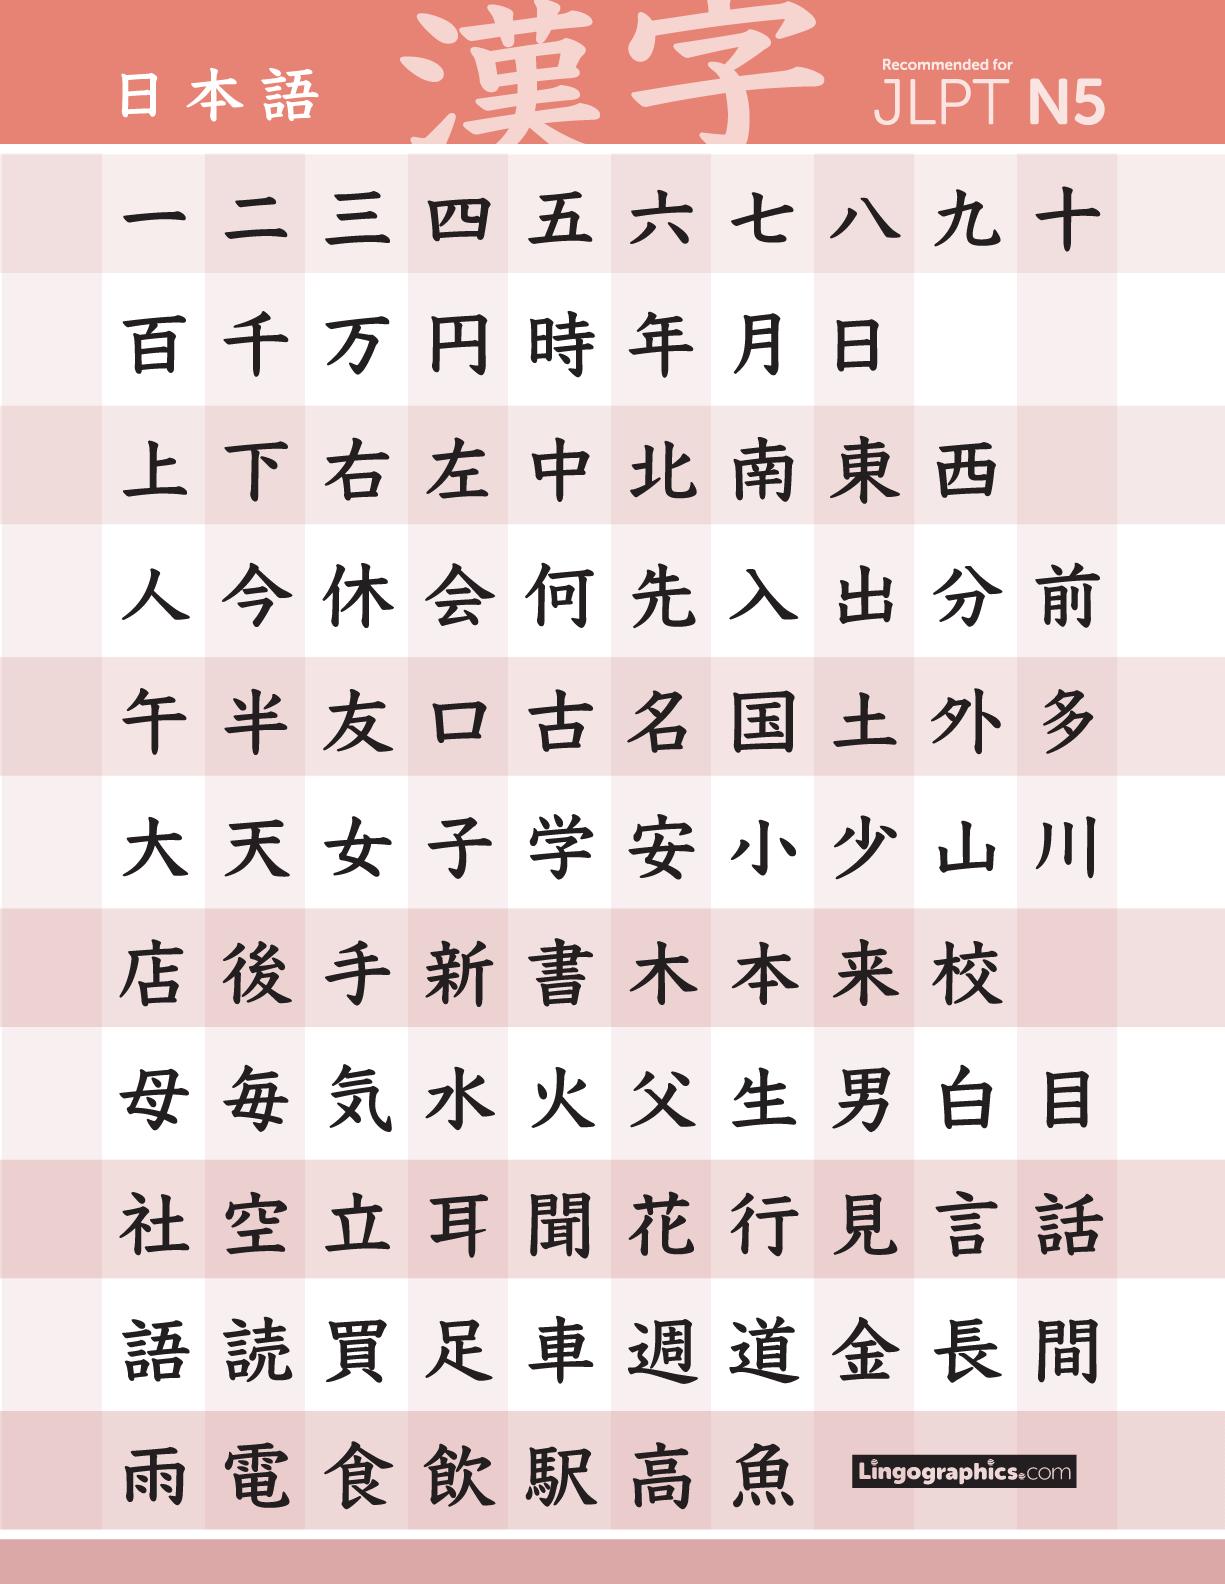 jlpt n5 kanji pdf preview